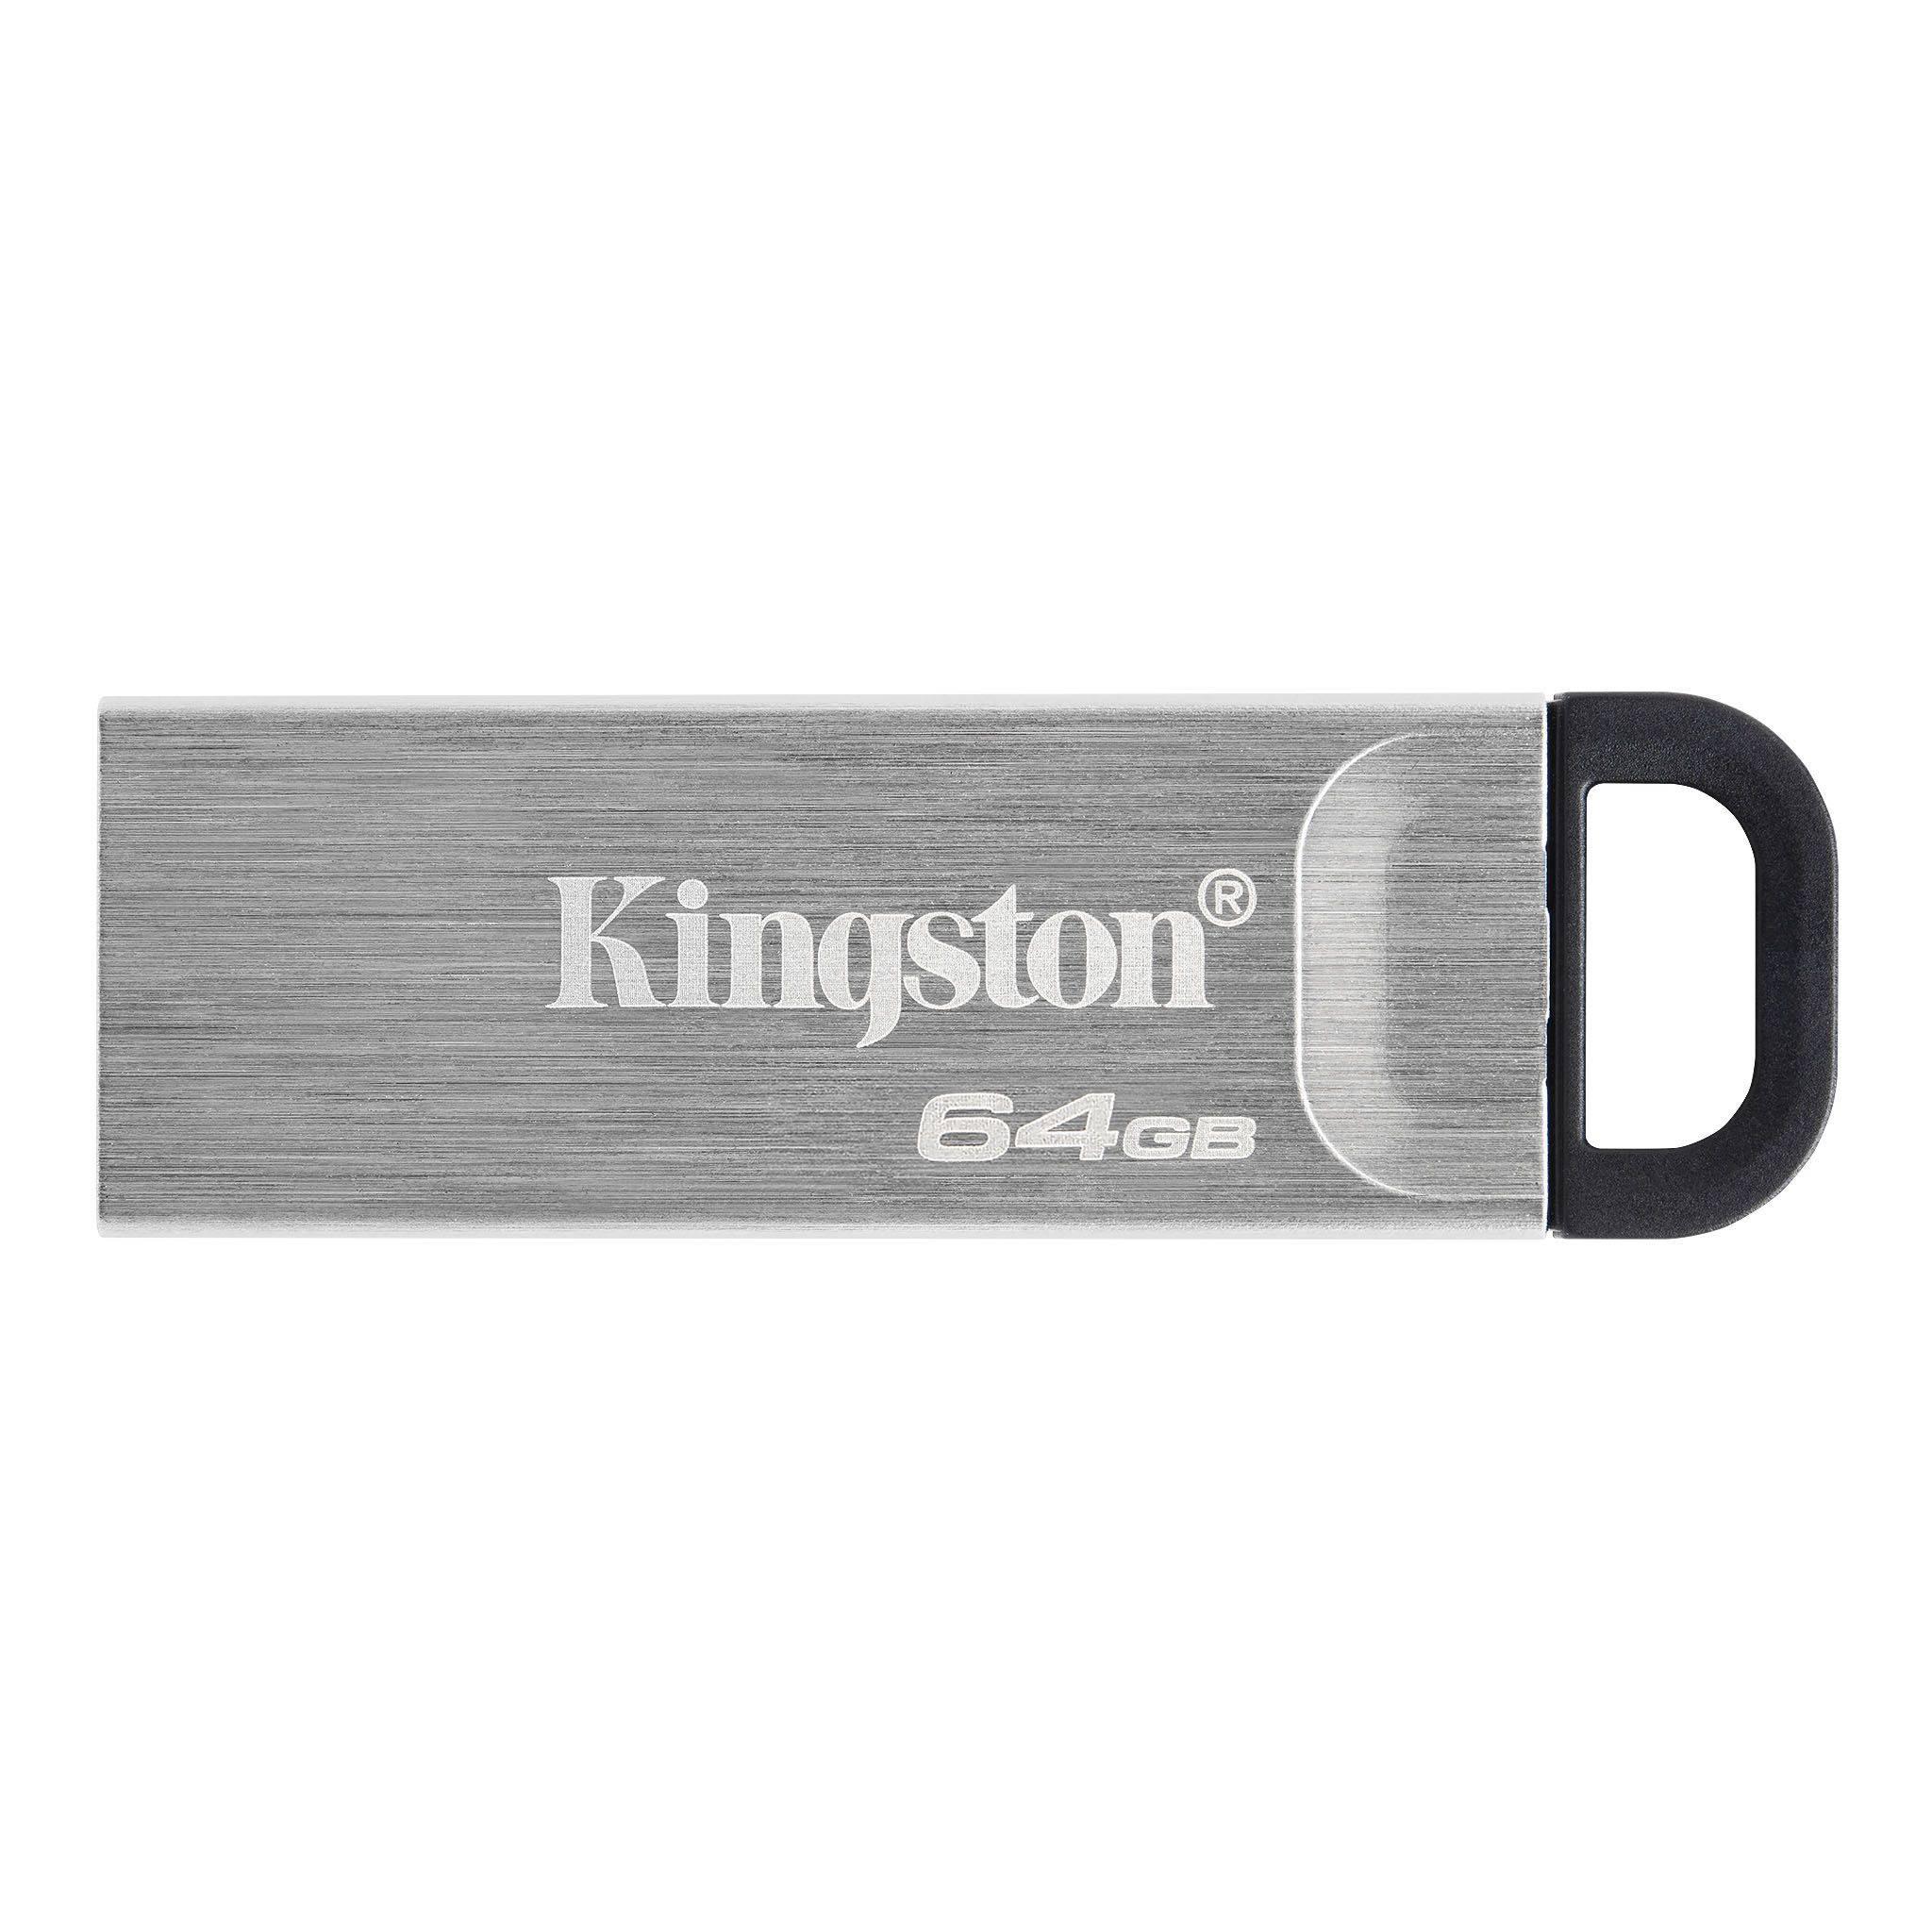 64GB Kingston USB 3.2 (gen 1) DT Kyson - DTKN/64GB